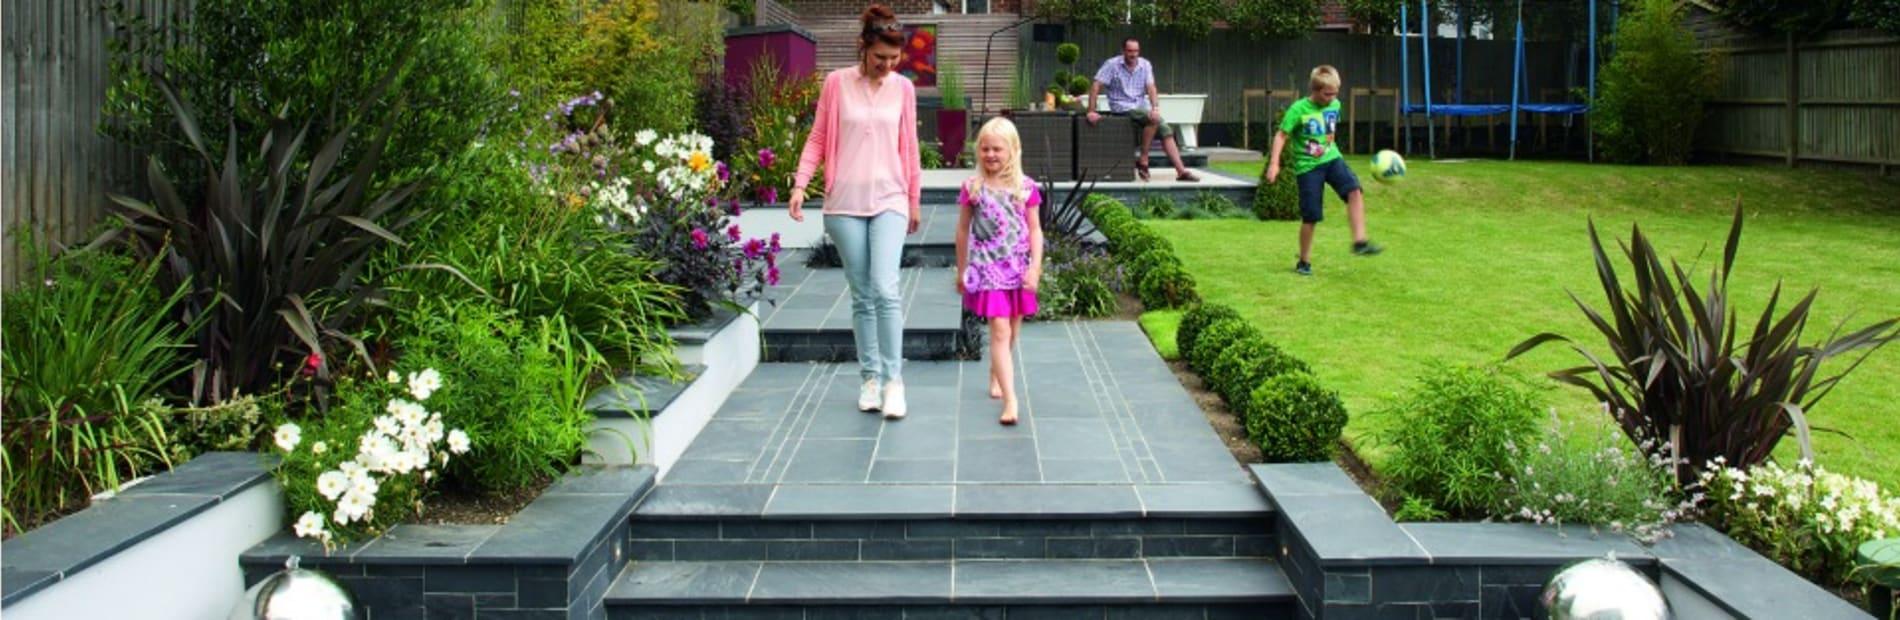 garden pebble ideas